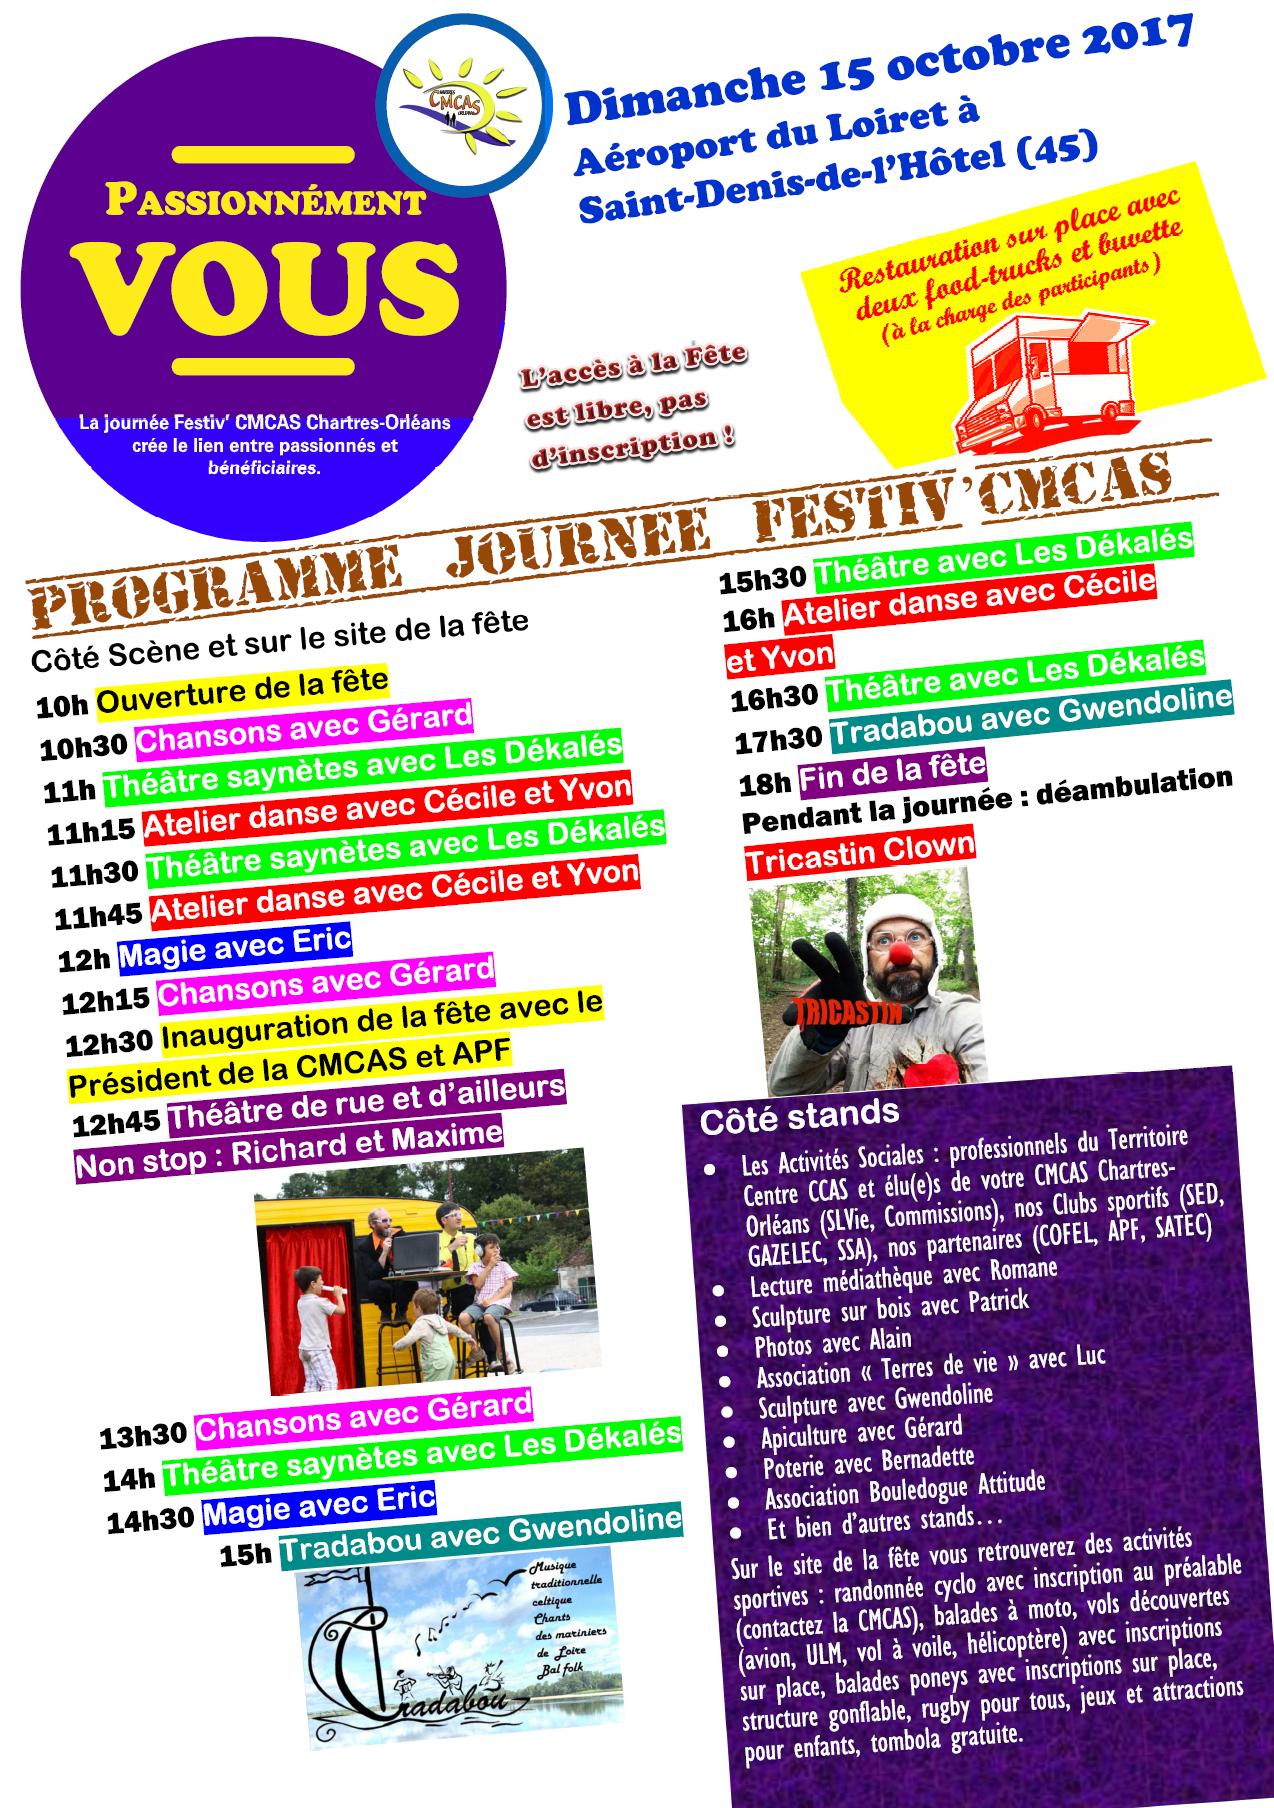 Programme fête 151017 V4.png